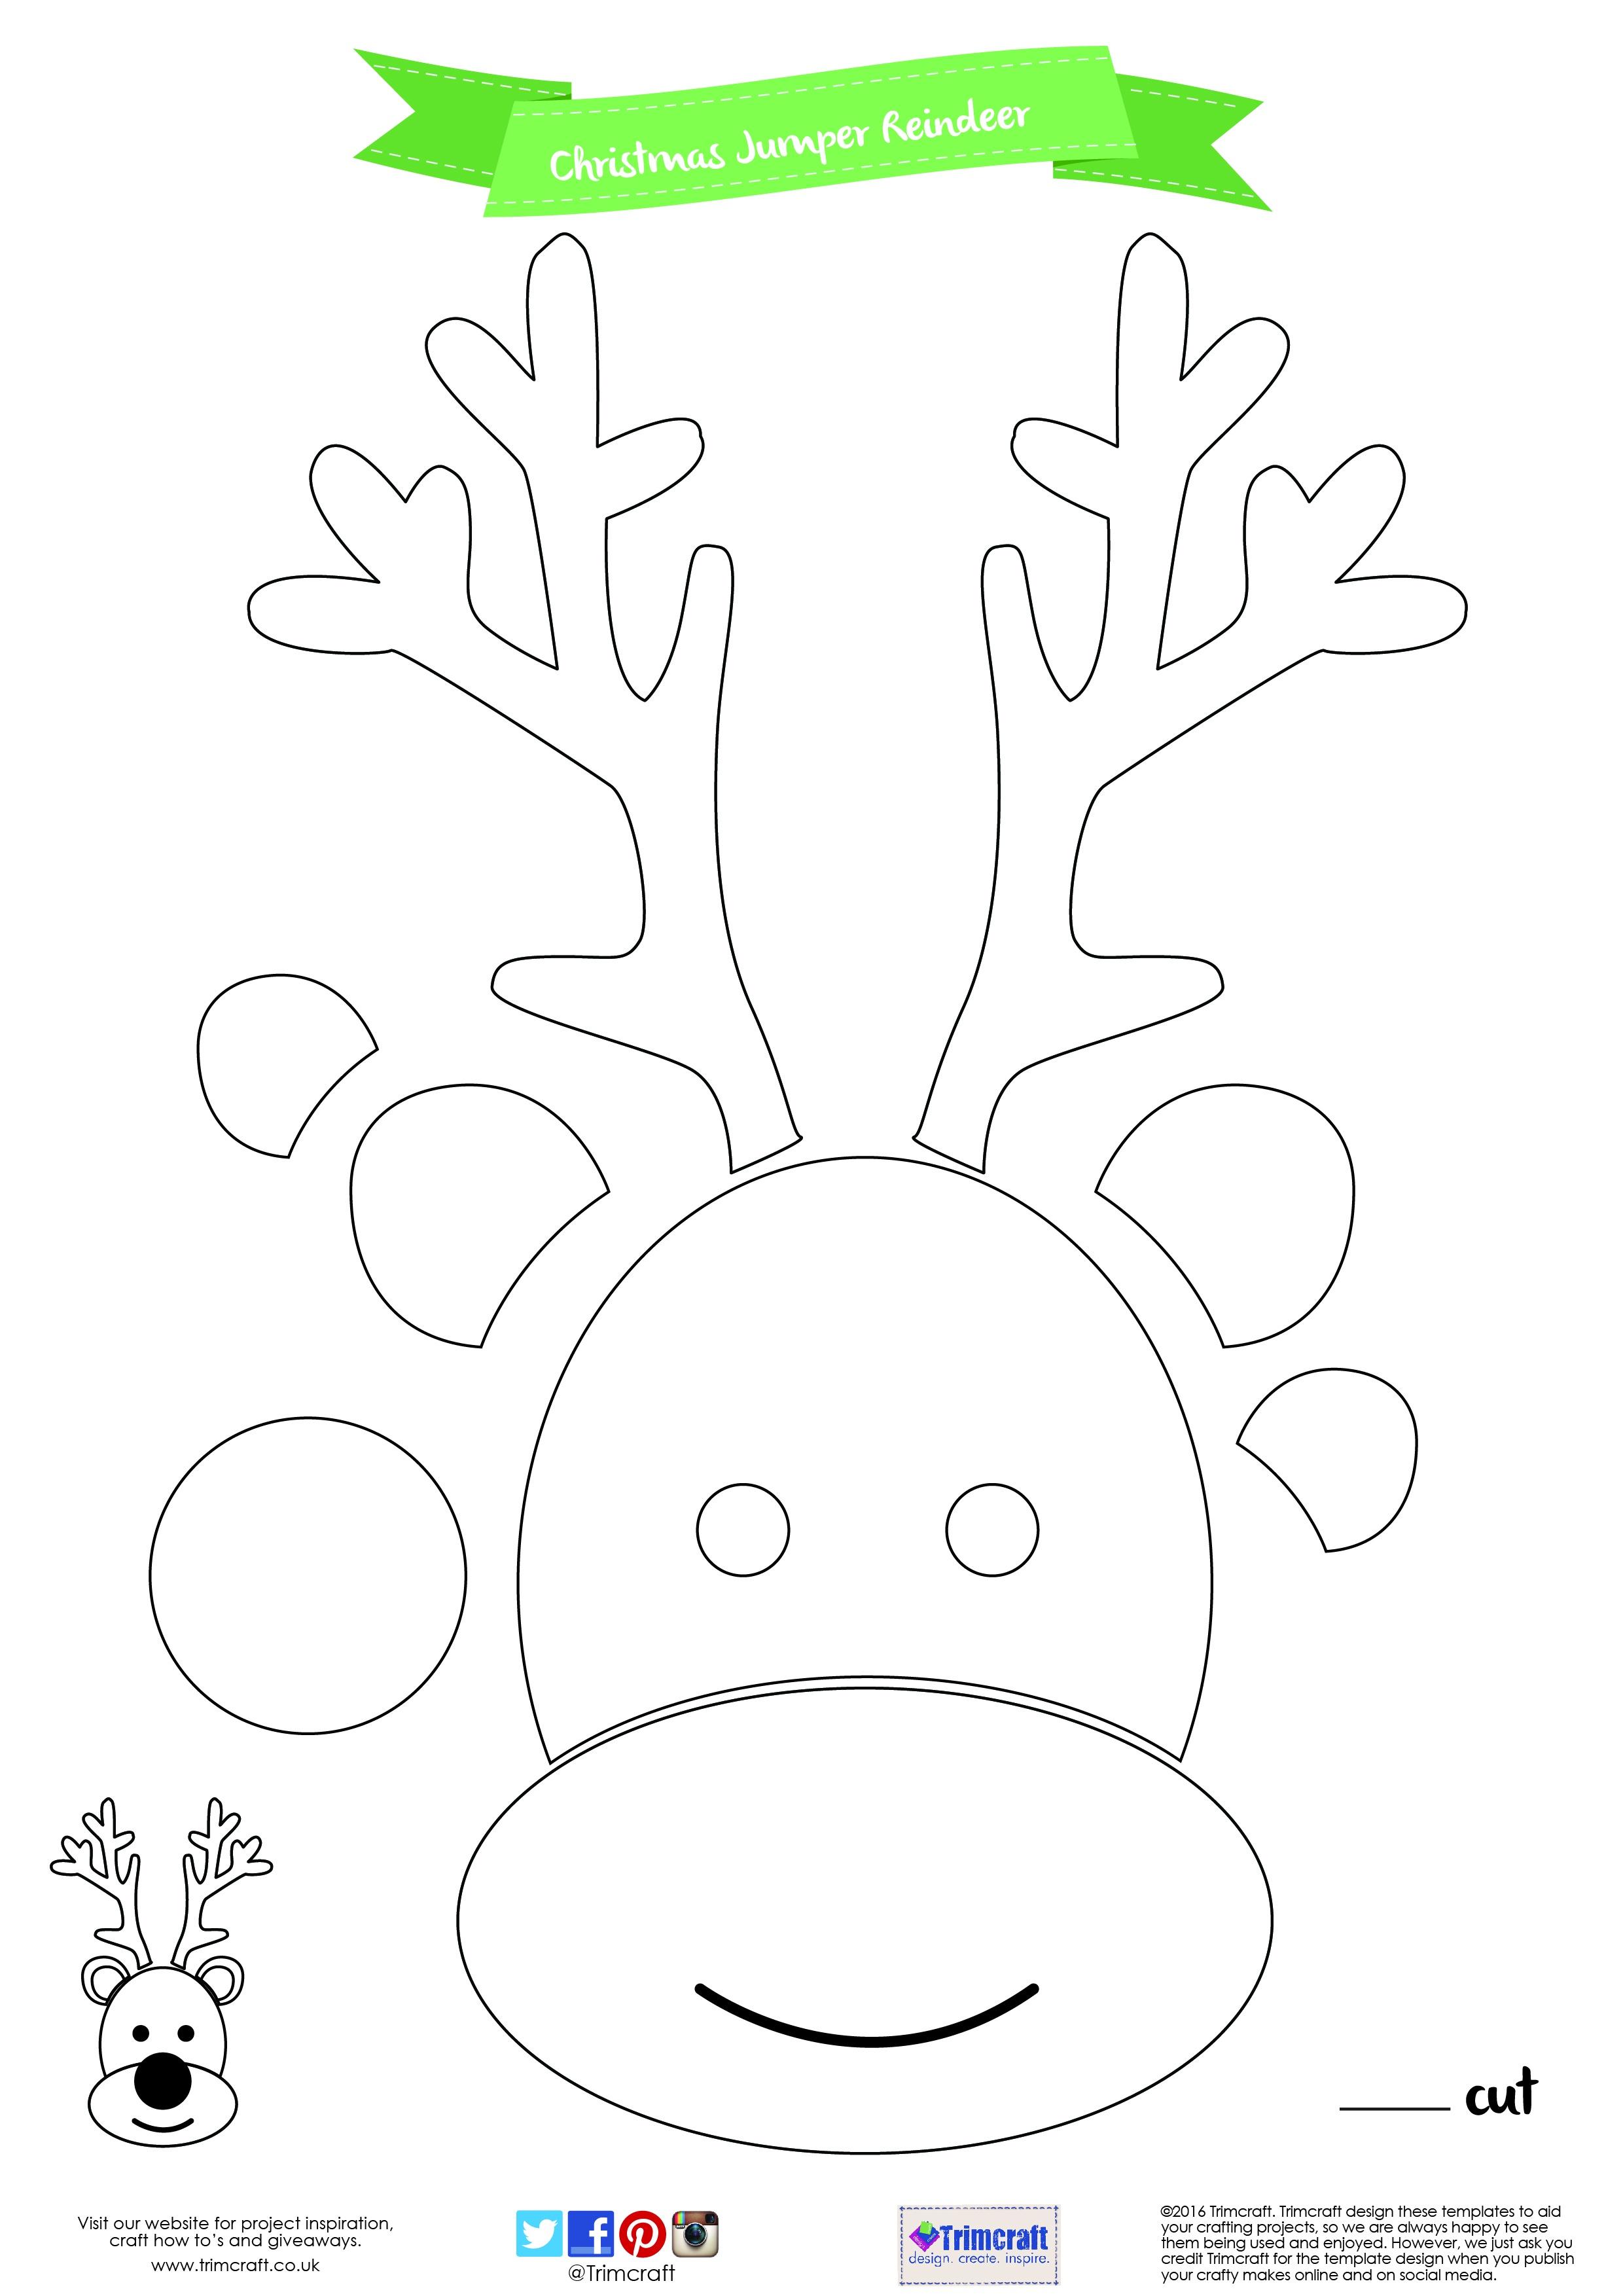 Reindeer Cut Out Template - Tutlin.psstech.co - Reindeer Antlers Template Free Printable